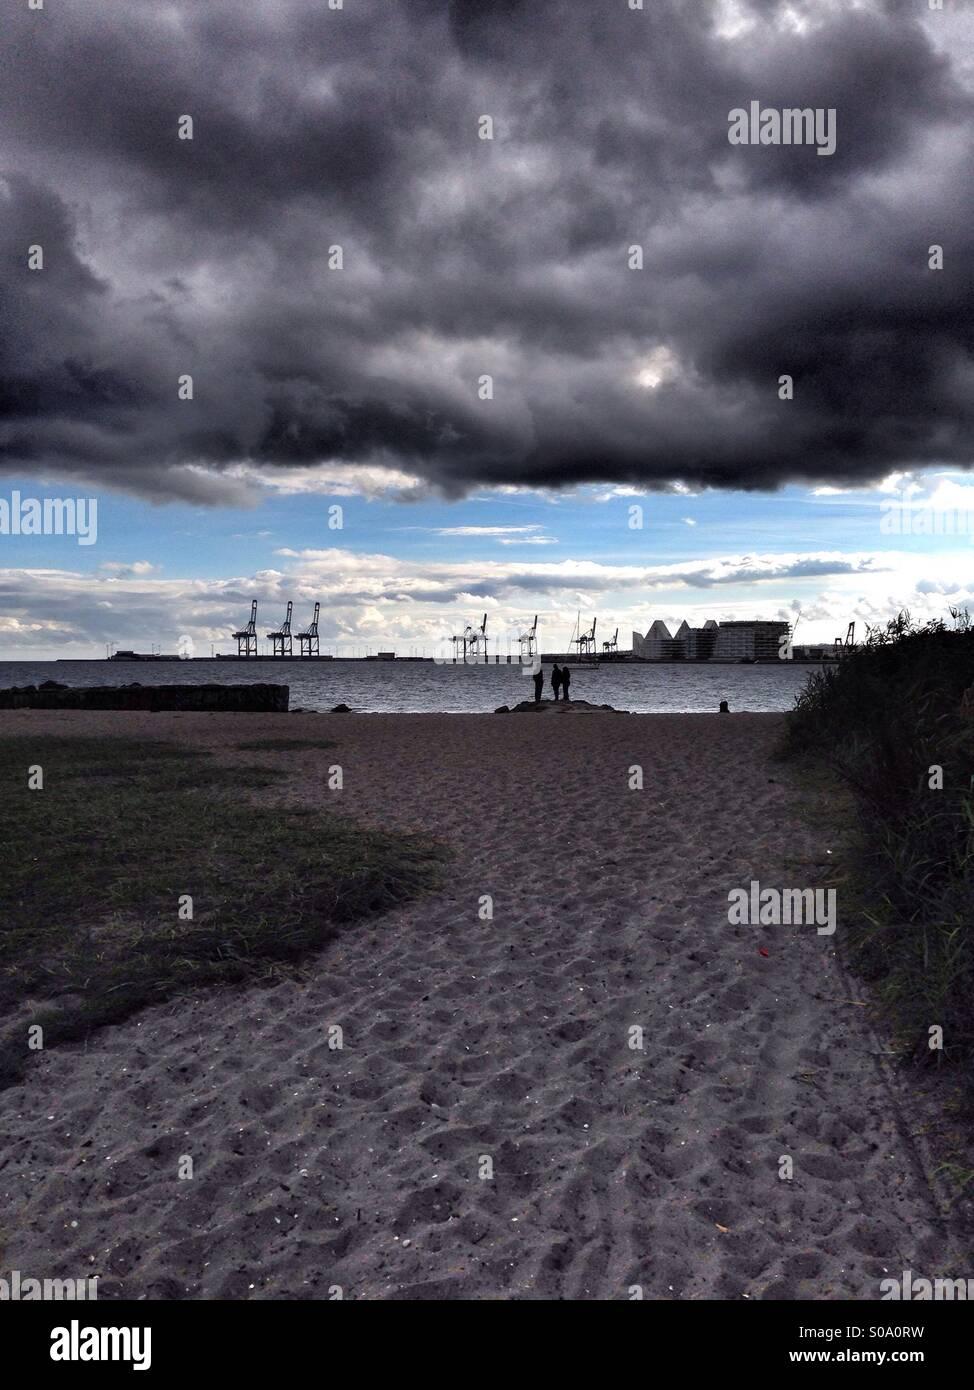 Skandinavischen Landschaft, Sturm am Strand, mit riesigen und dunkle Wolken, einen hellen und blauen Himmel im Hintergrund, Stockbild